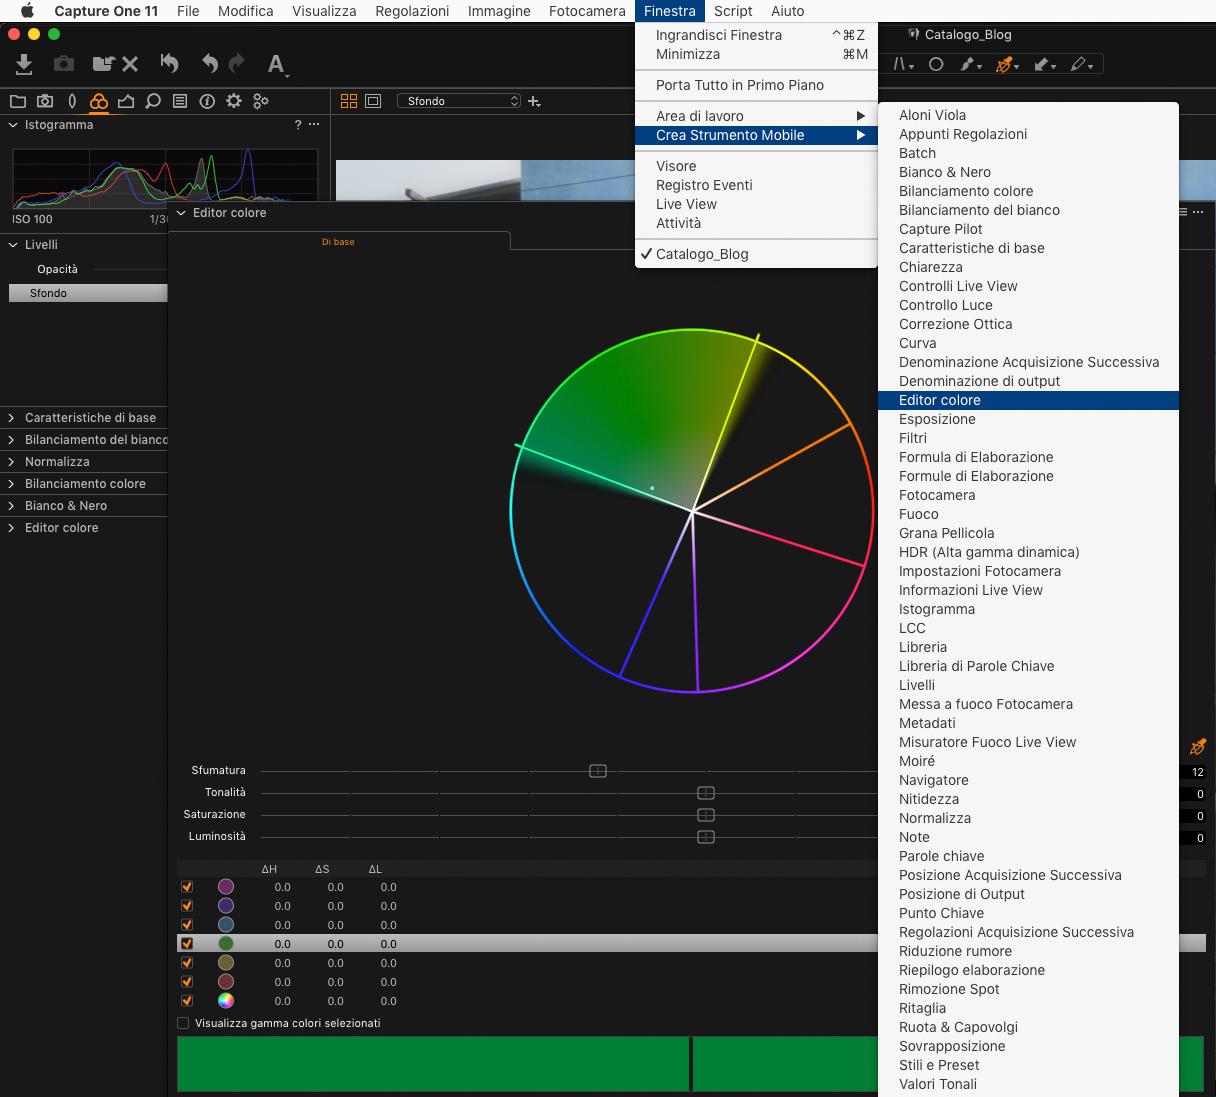 C1_editorcolore_07